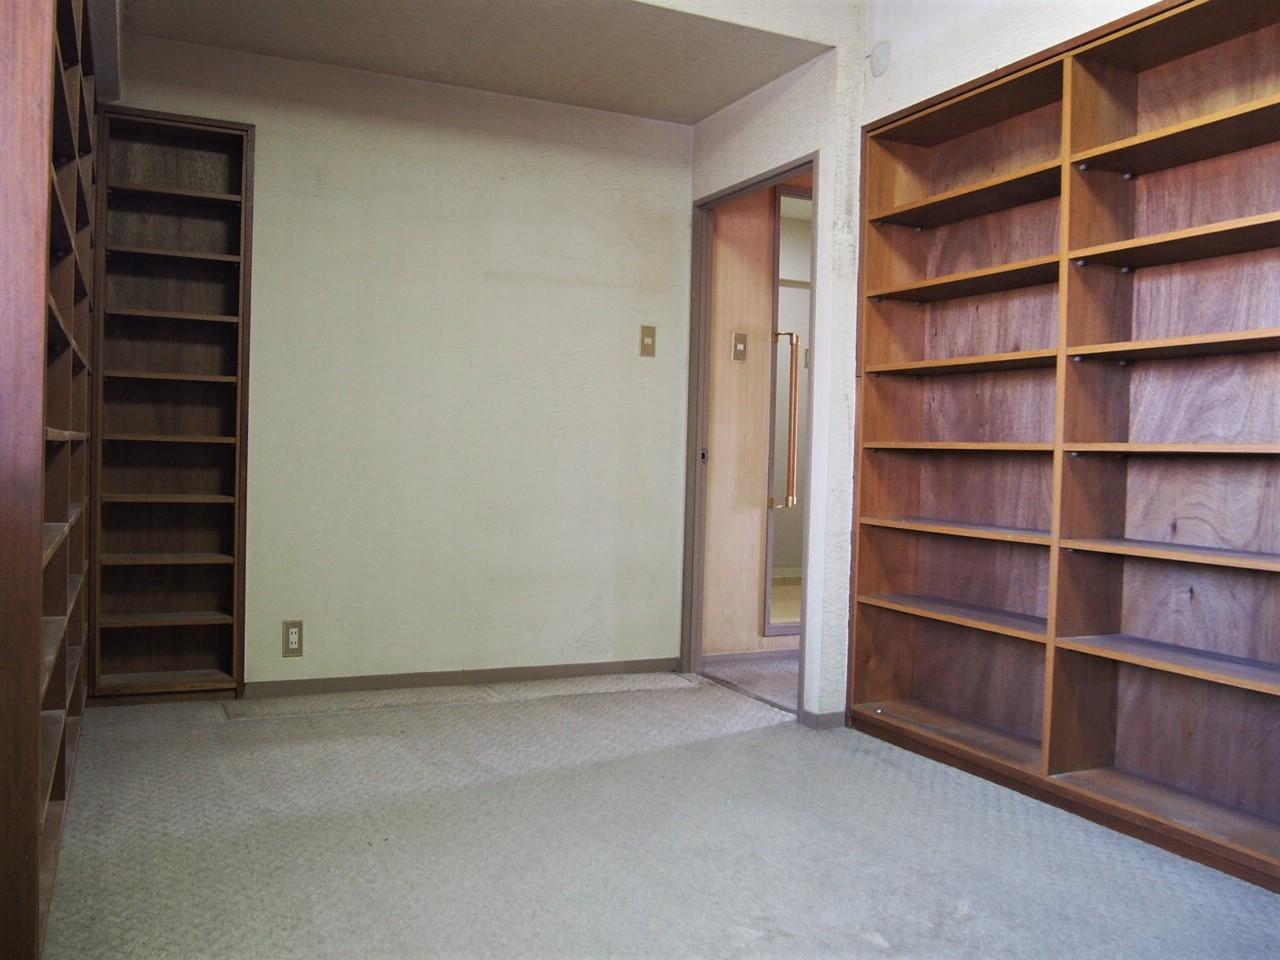 書斎やウォークインクローゼットに使えそうな部屋